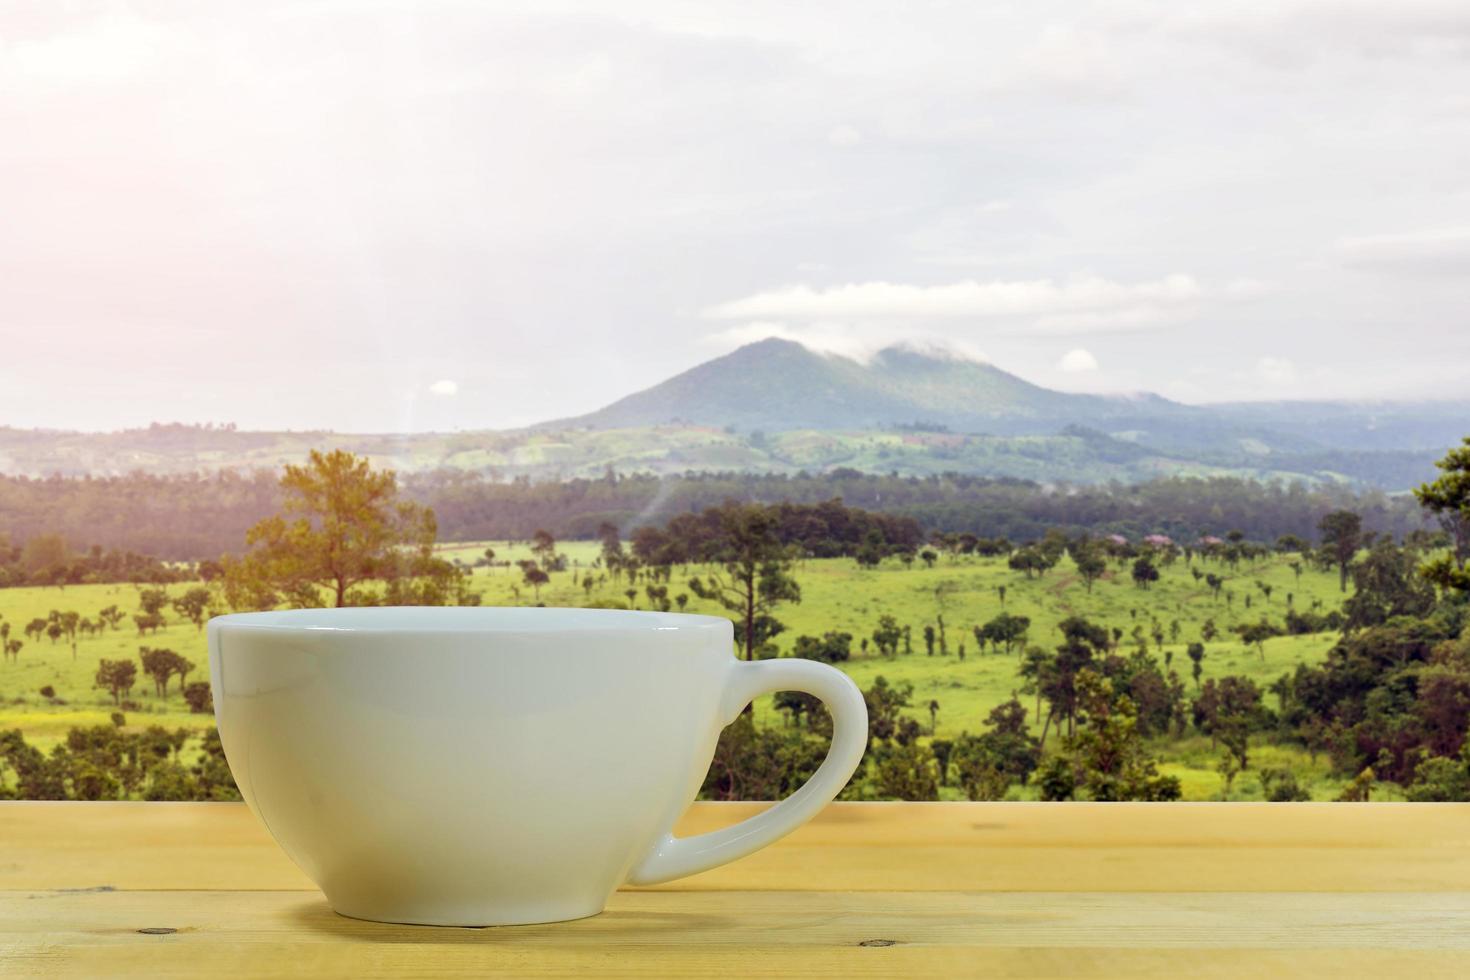 koffiekopje met een bergachtige achtergrond foto